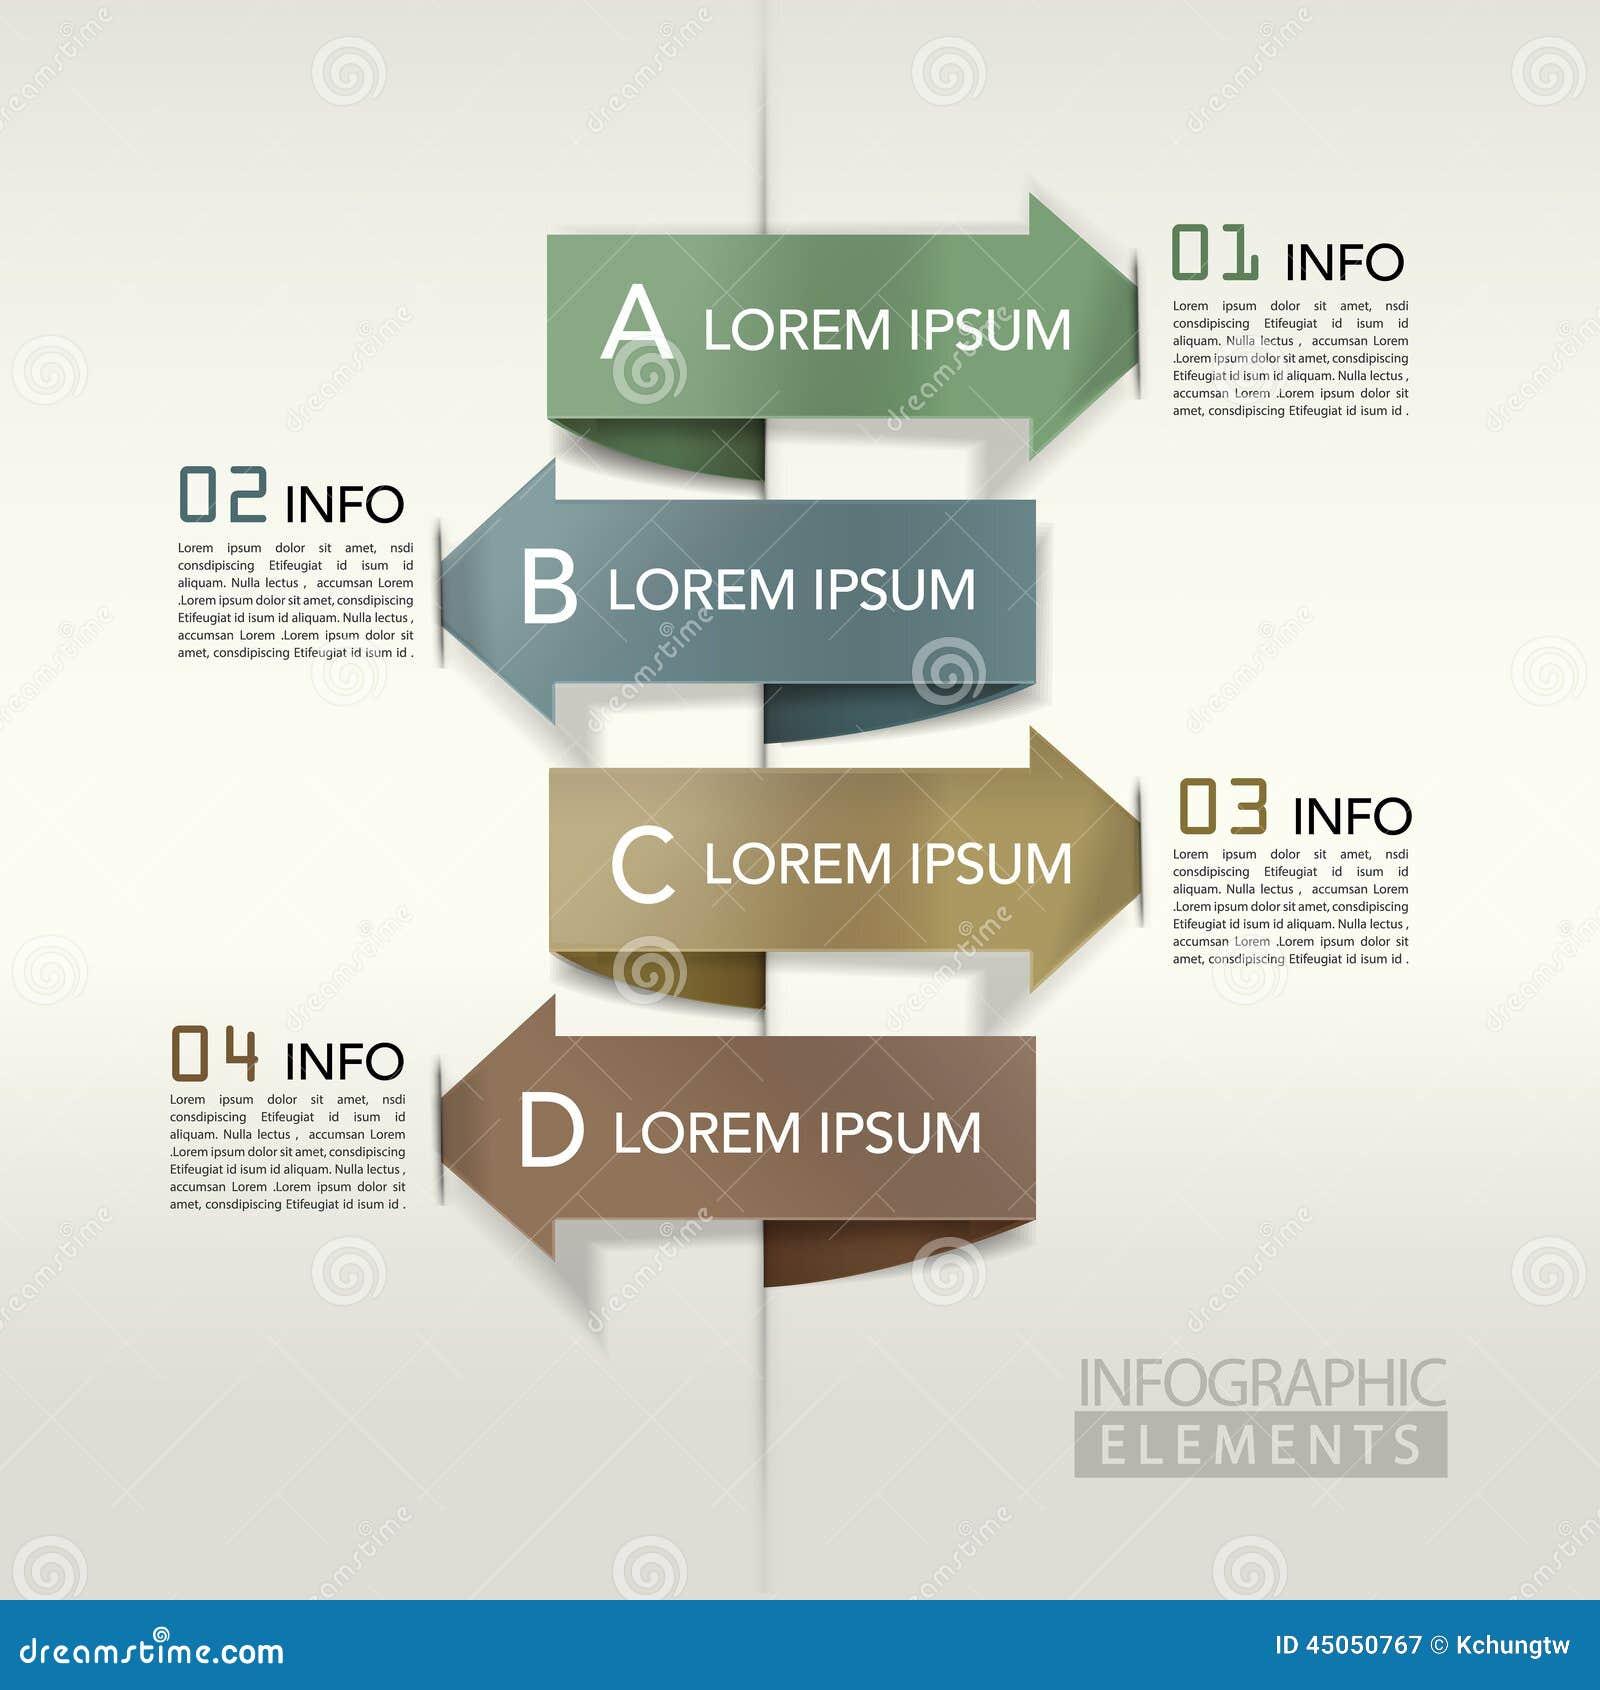 现代箭头长条图infographic元素